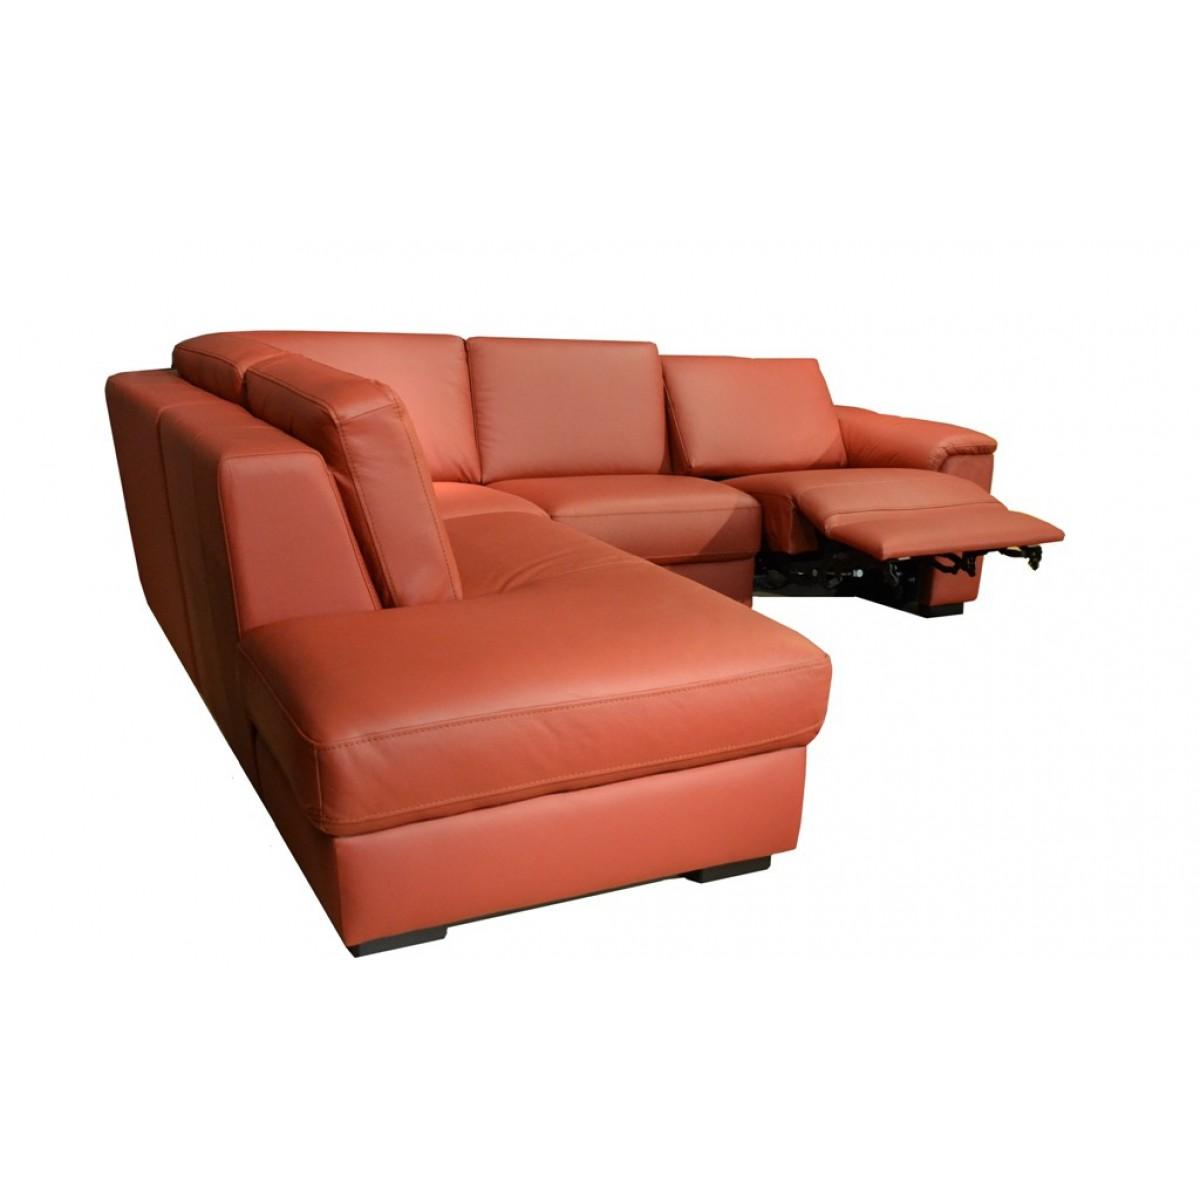 1981-relax-hoekbank-leer-hjort-knudsen-electrische-relaxen-soleda-toledo-red-44-schuin